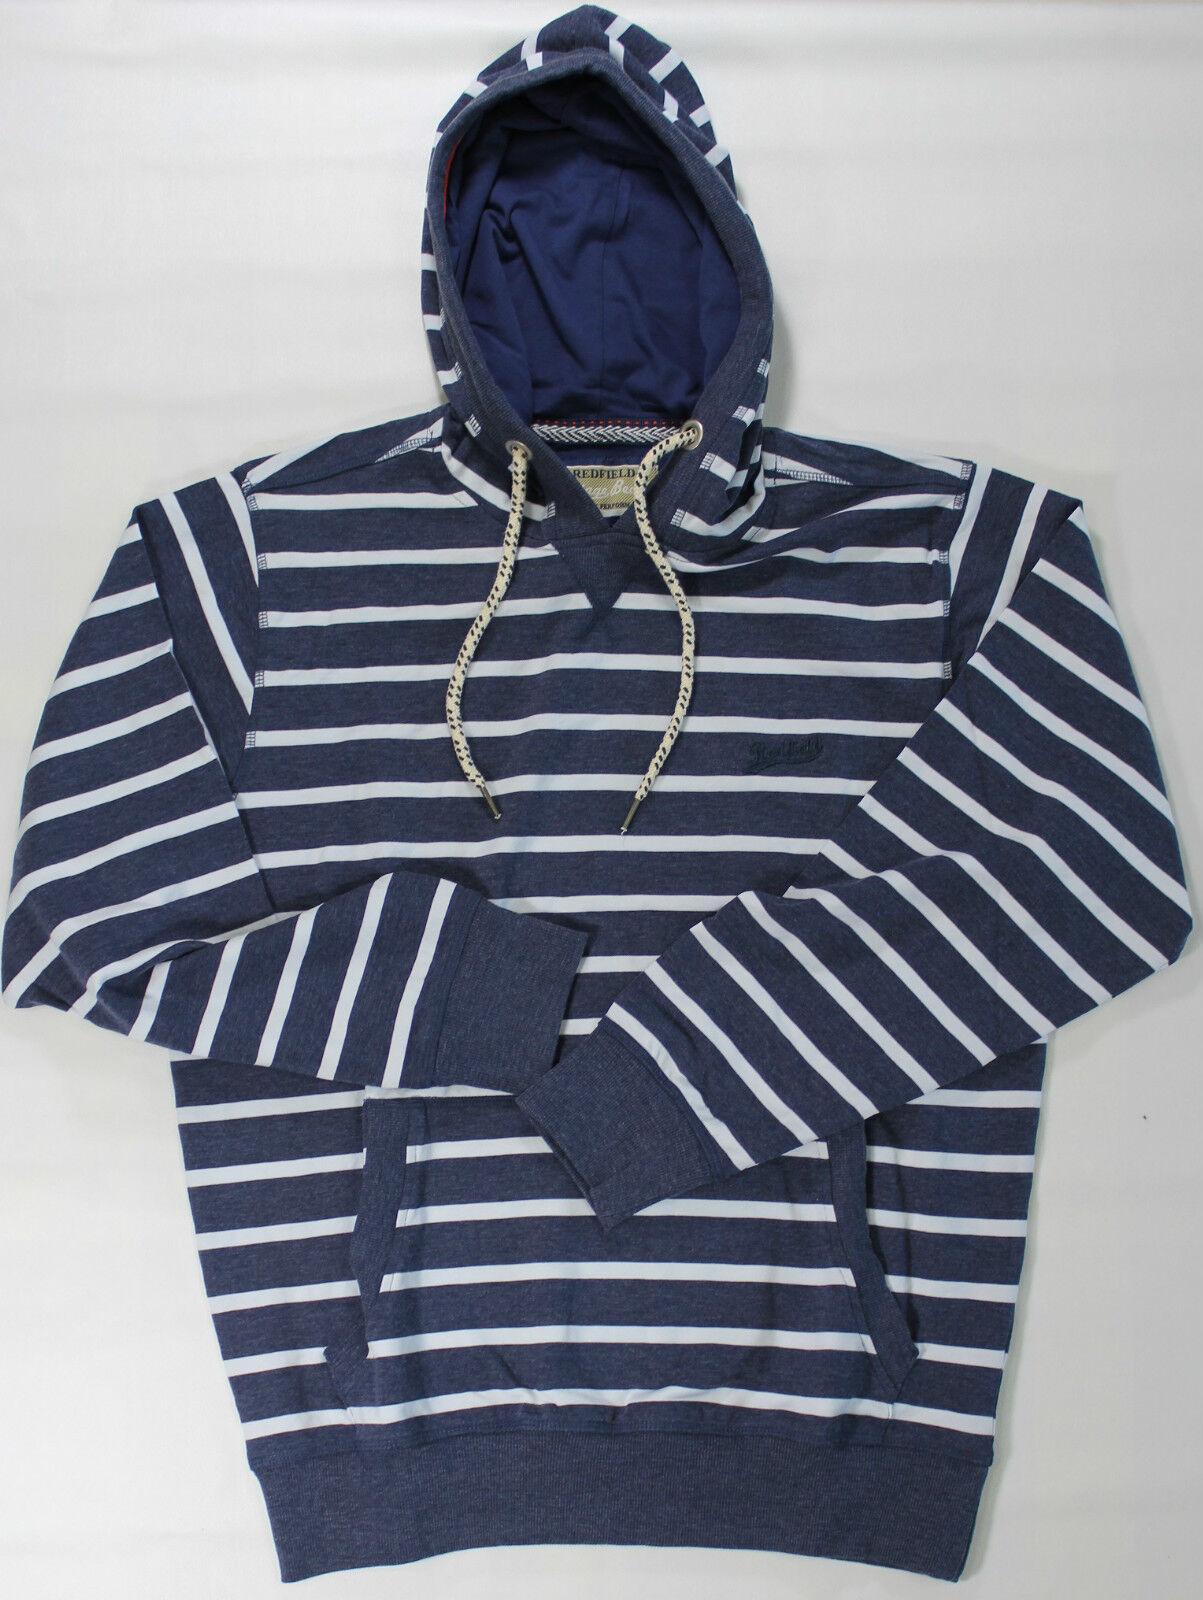 16236 ROTFIELD Sweatshirt Kapuze (Hoody) in Gr. M L XL XXL 4XL 5XL 6XL 7XL 8XL